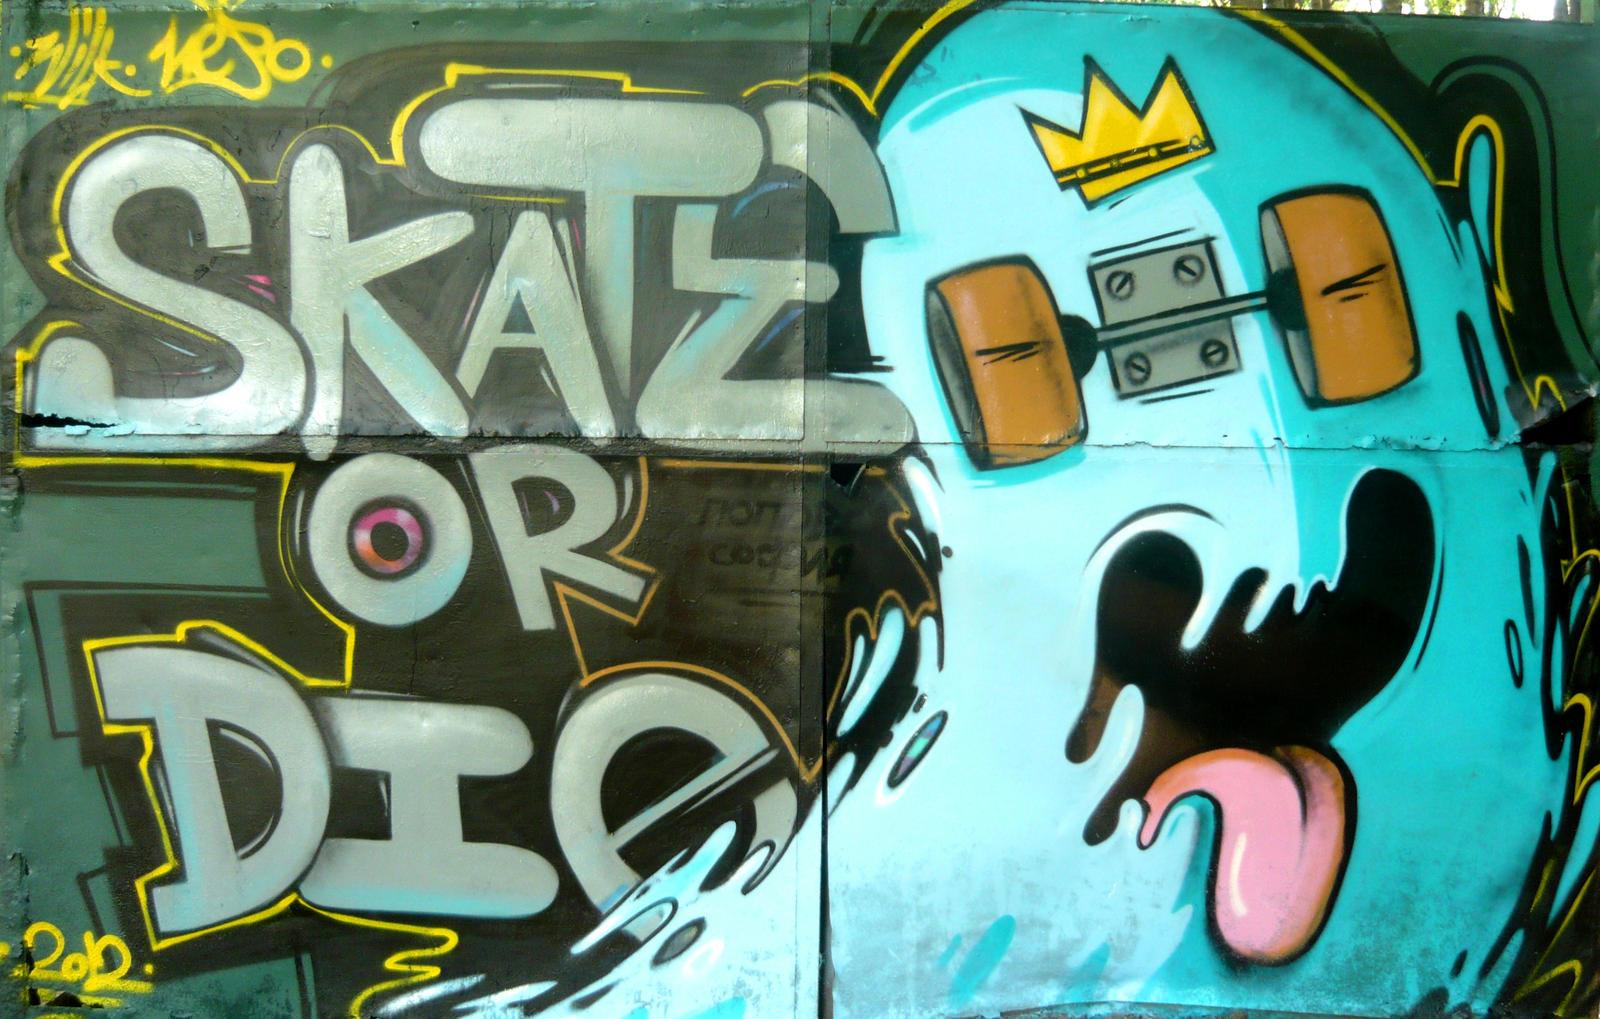 Skate or Die by